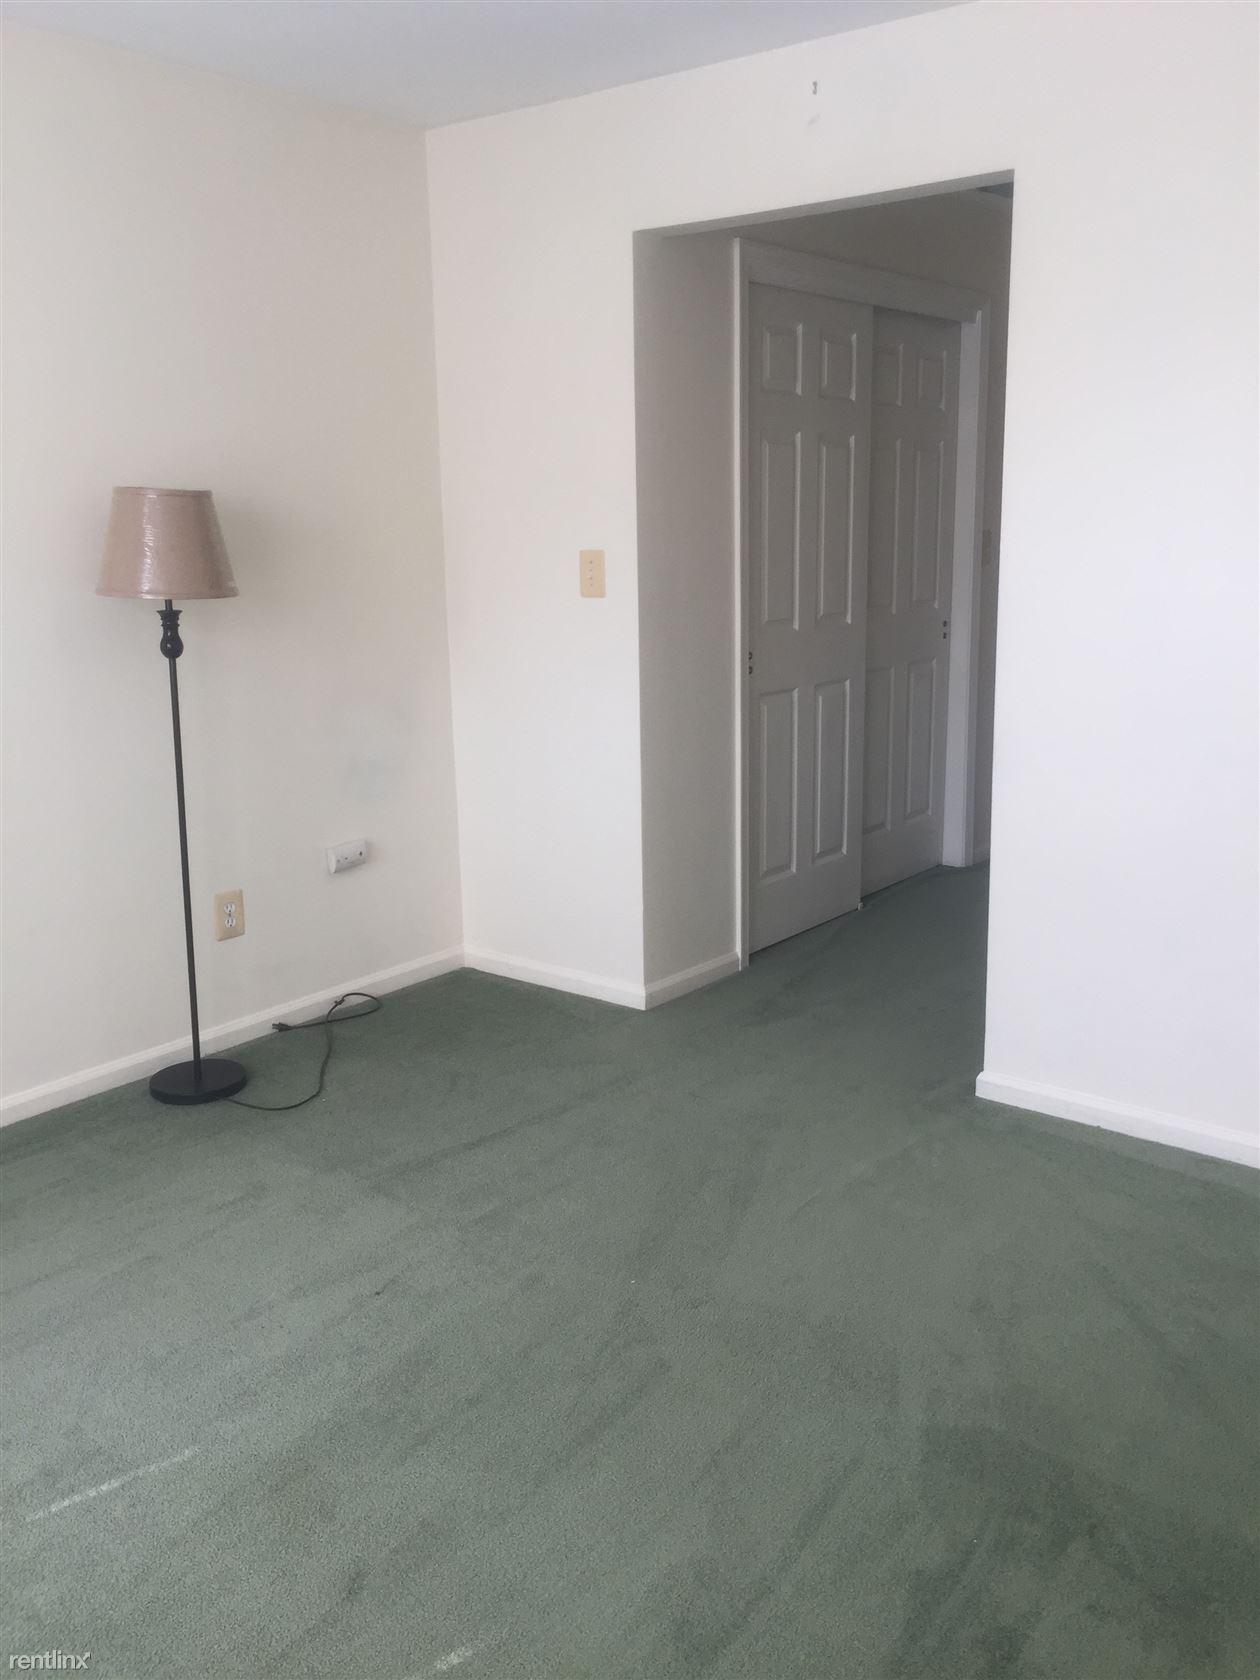 Bedroom - 2nd